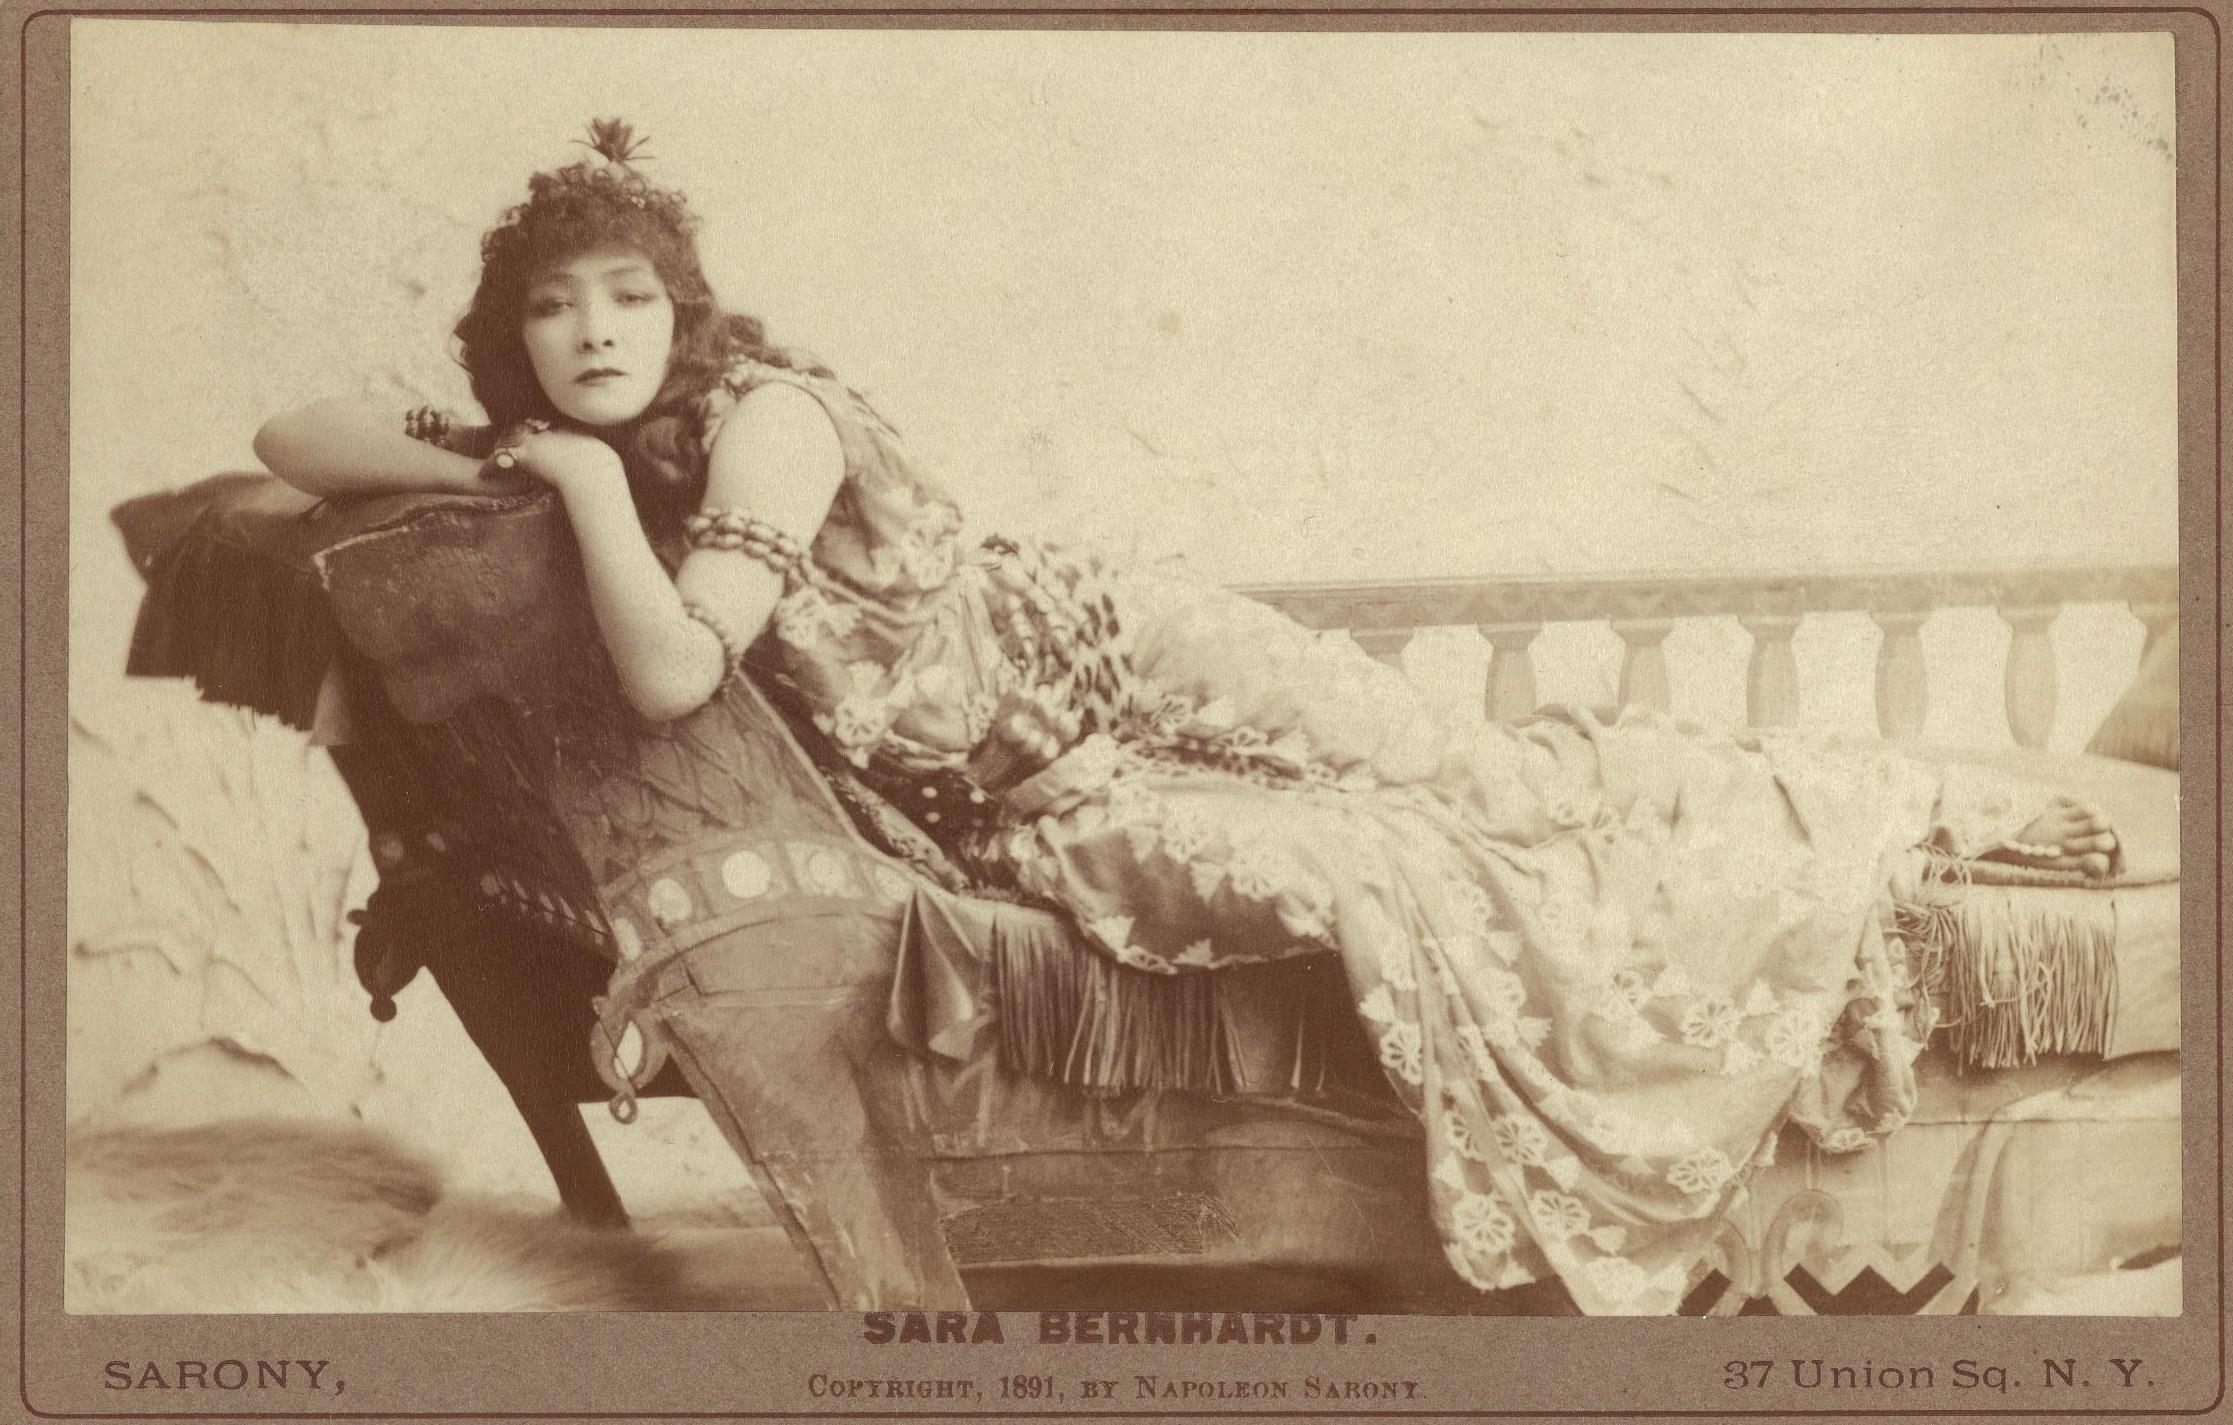 Sarah Bernhardt as Cleopatra